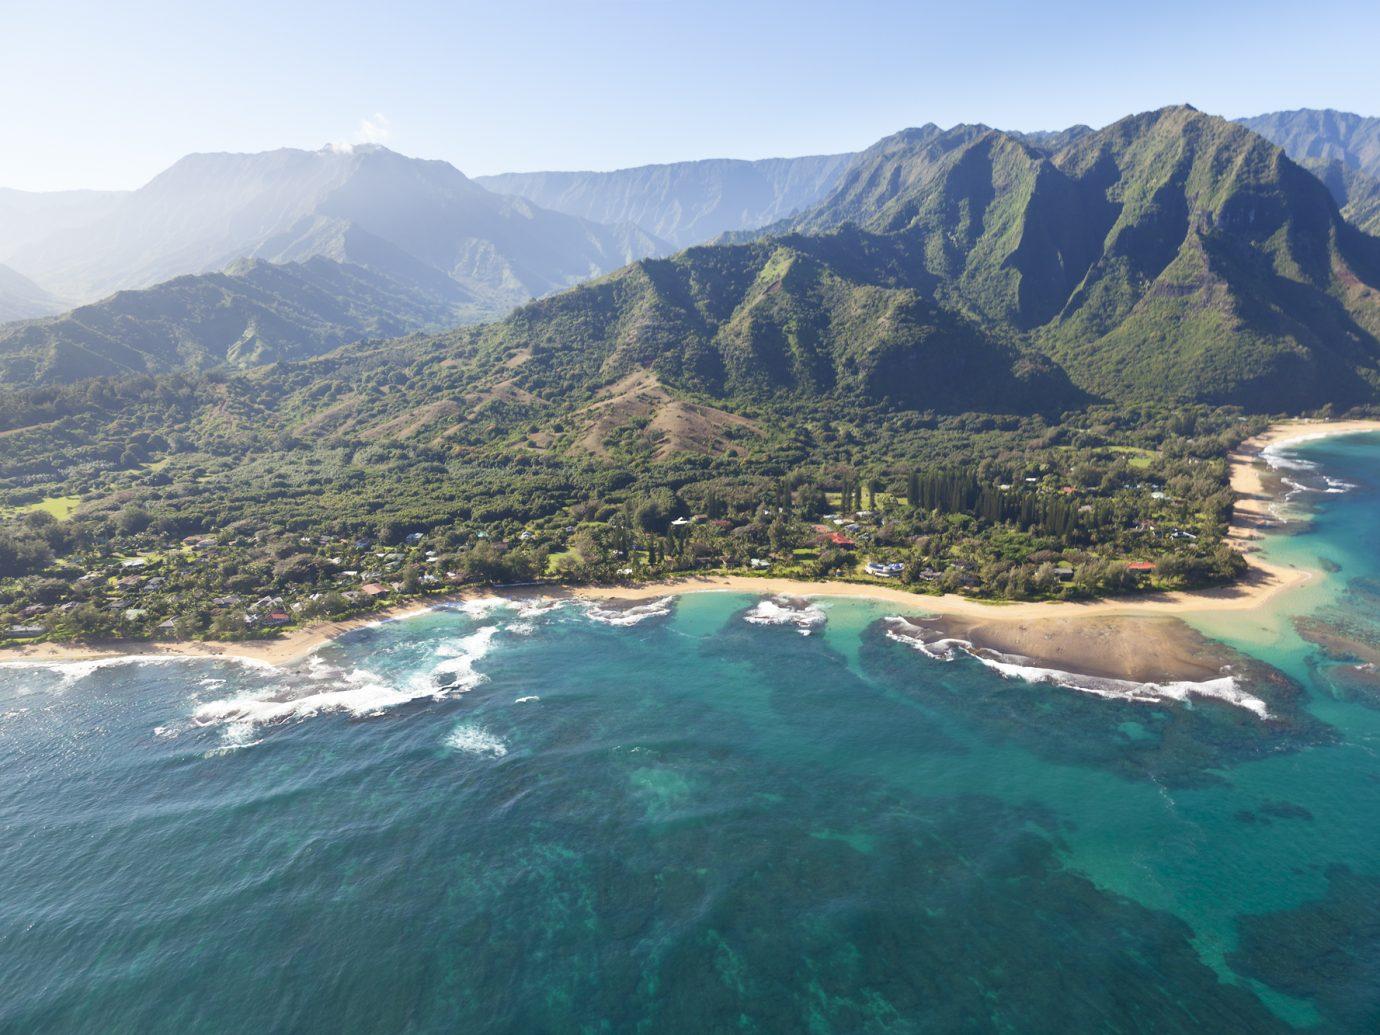 View of Tunnels Beach and Haena Beach in Kauai, Hawaii